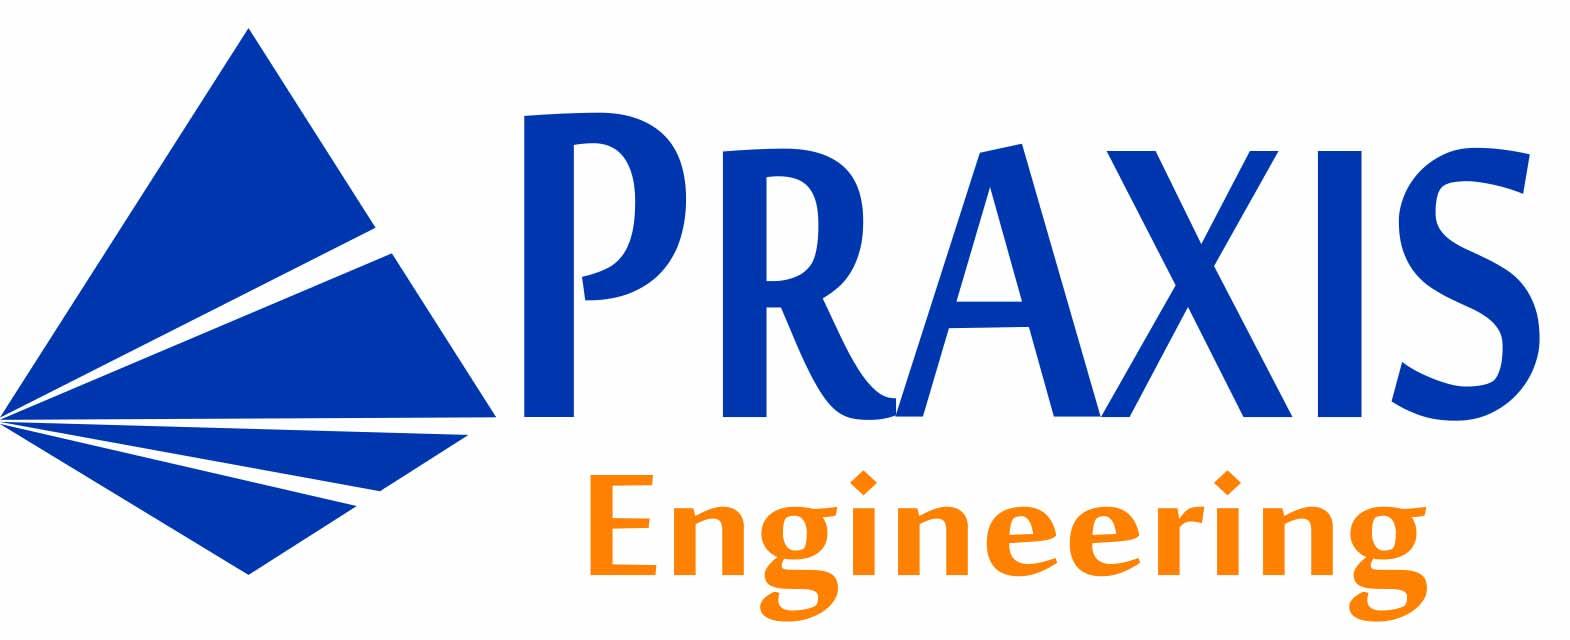 Praxis Logo - Engineering.jpg